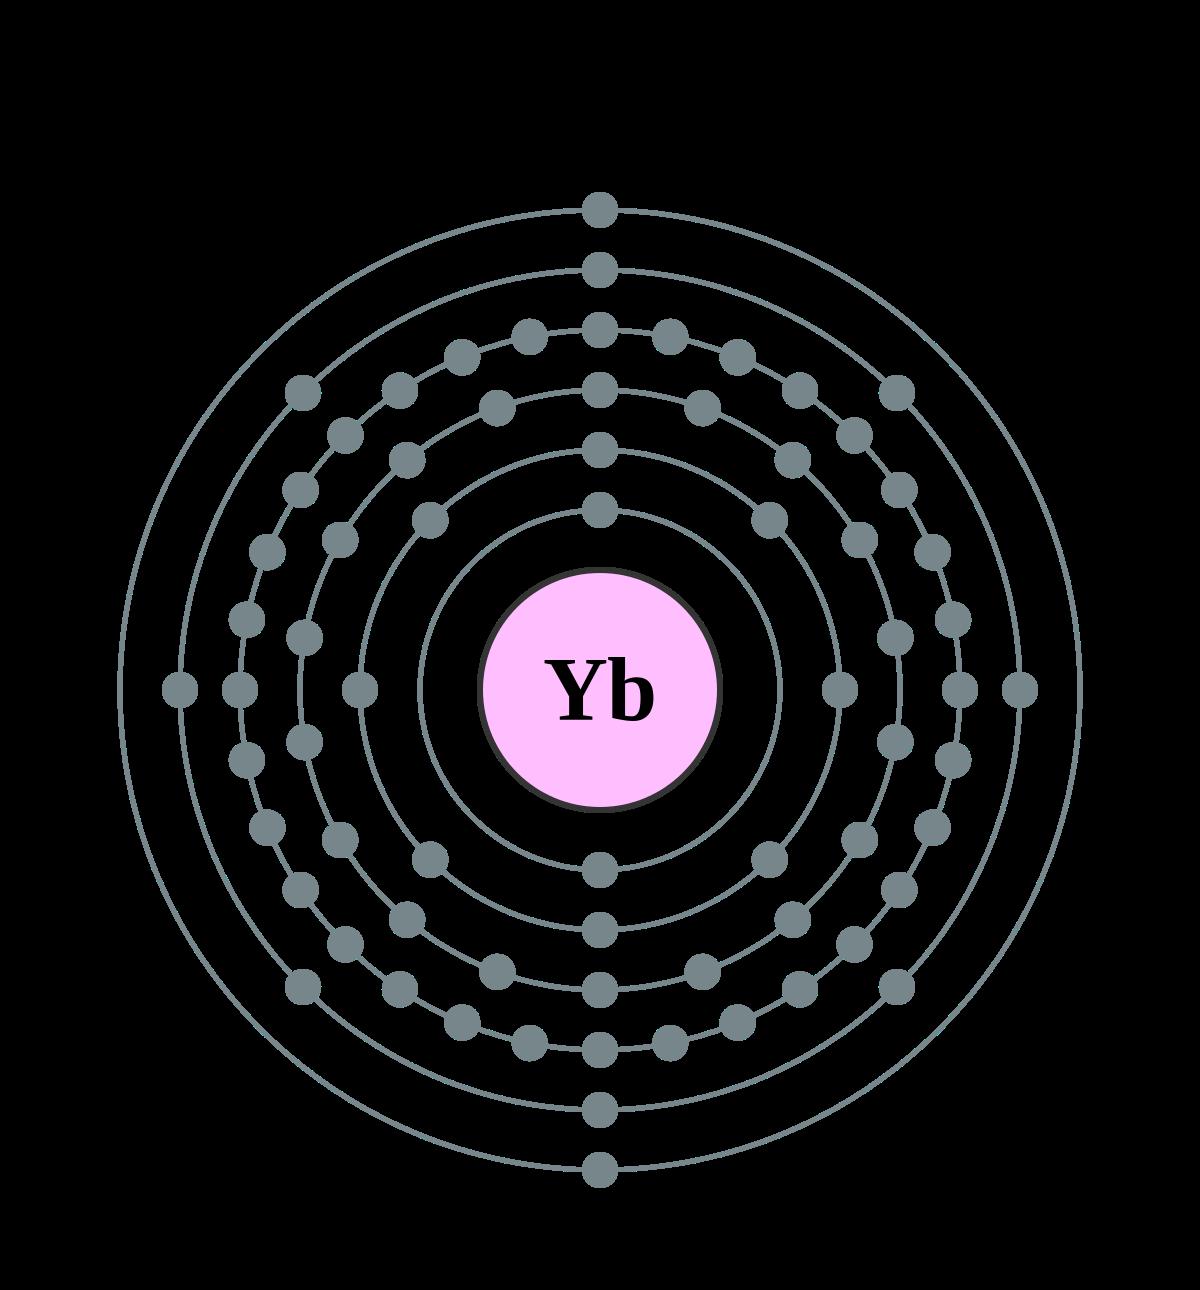 Ytterbium